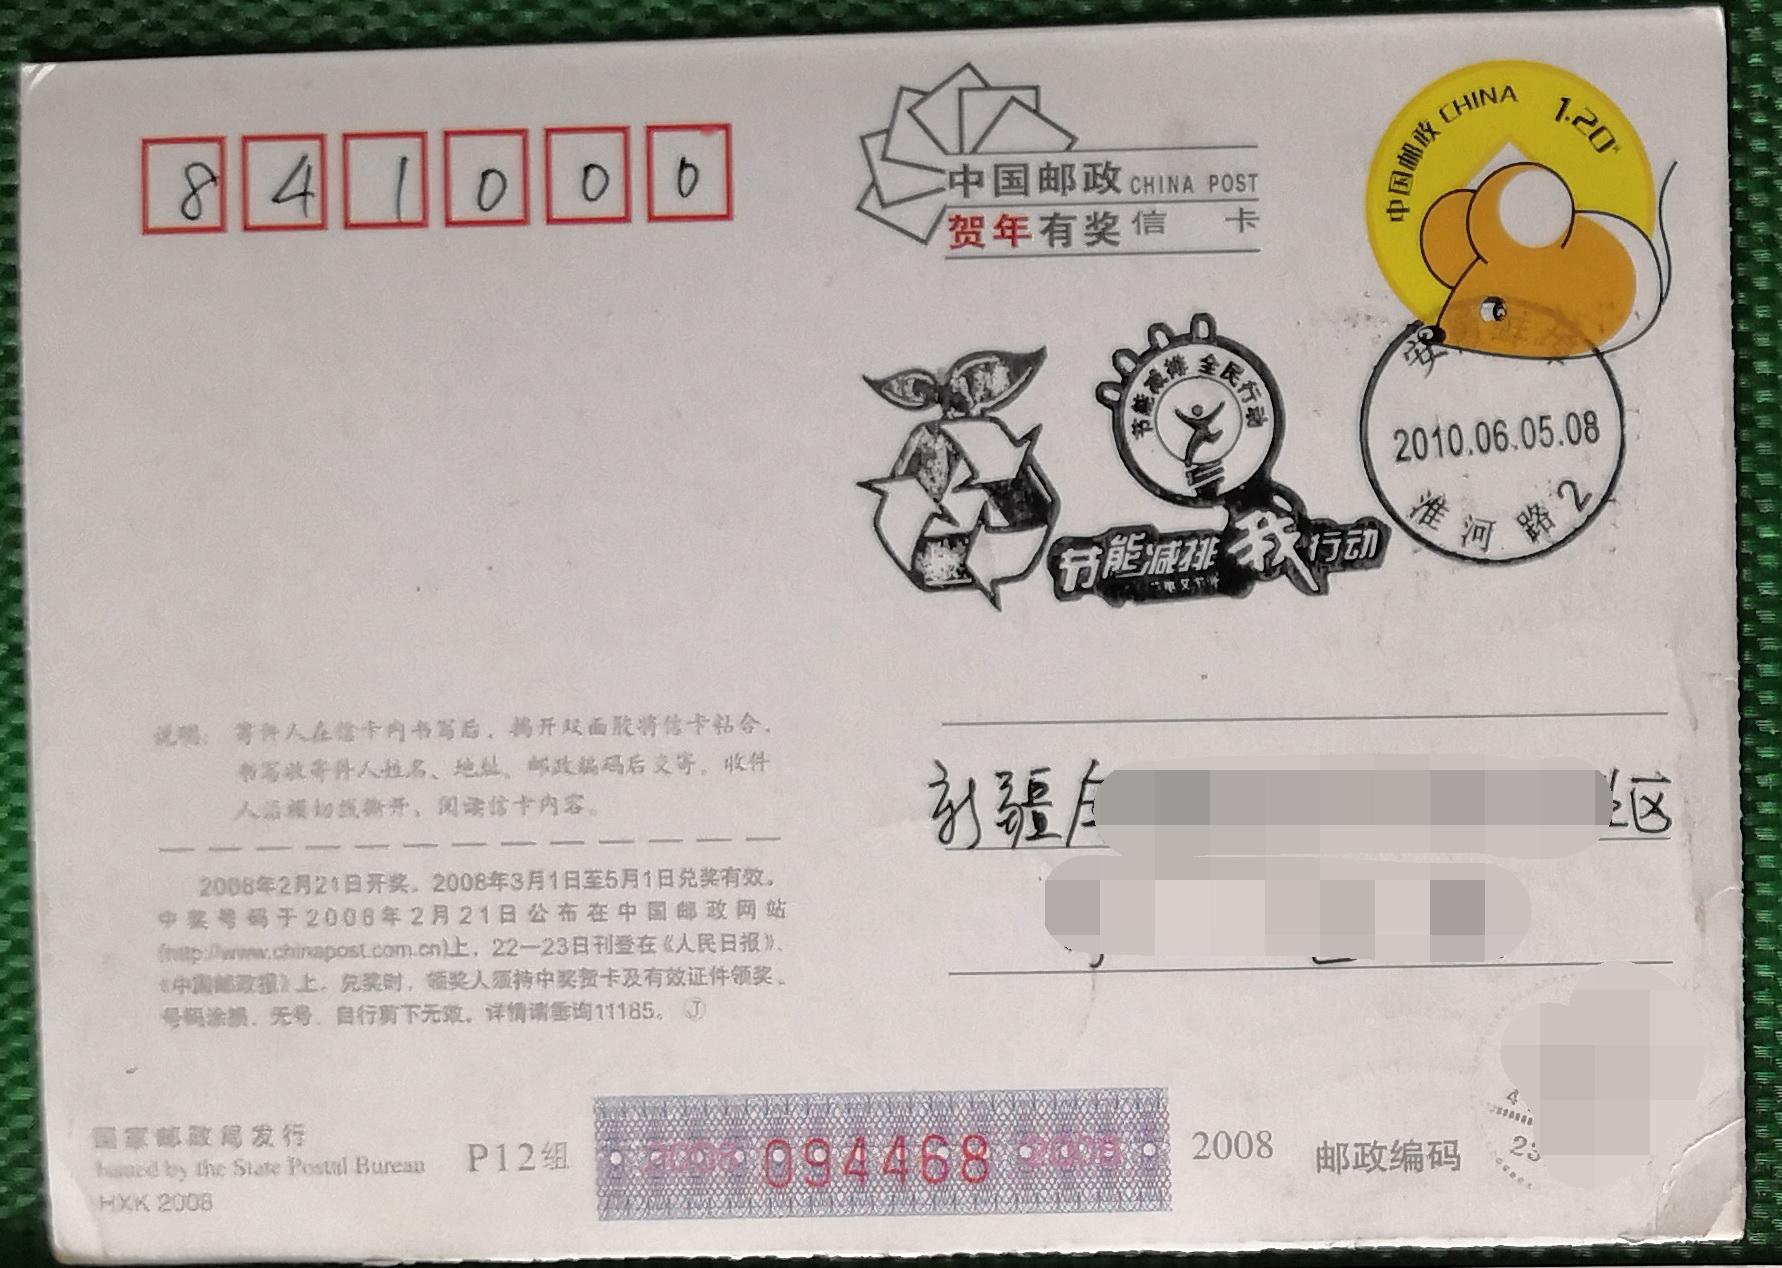 《安徽蚌埠2010.6.5环境日节能减排连体宣传戳》